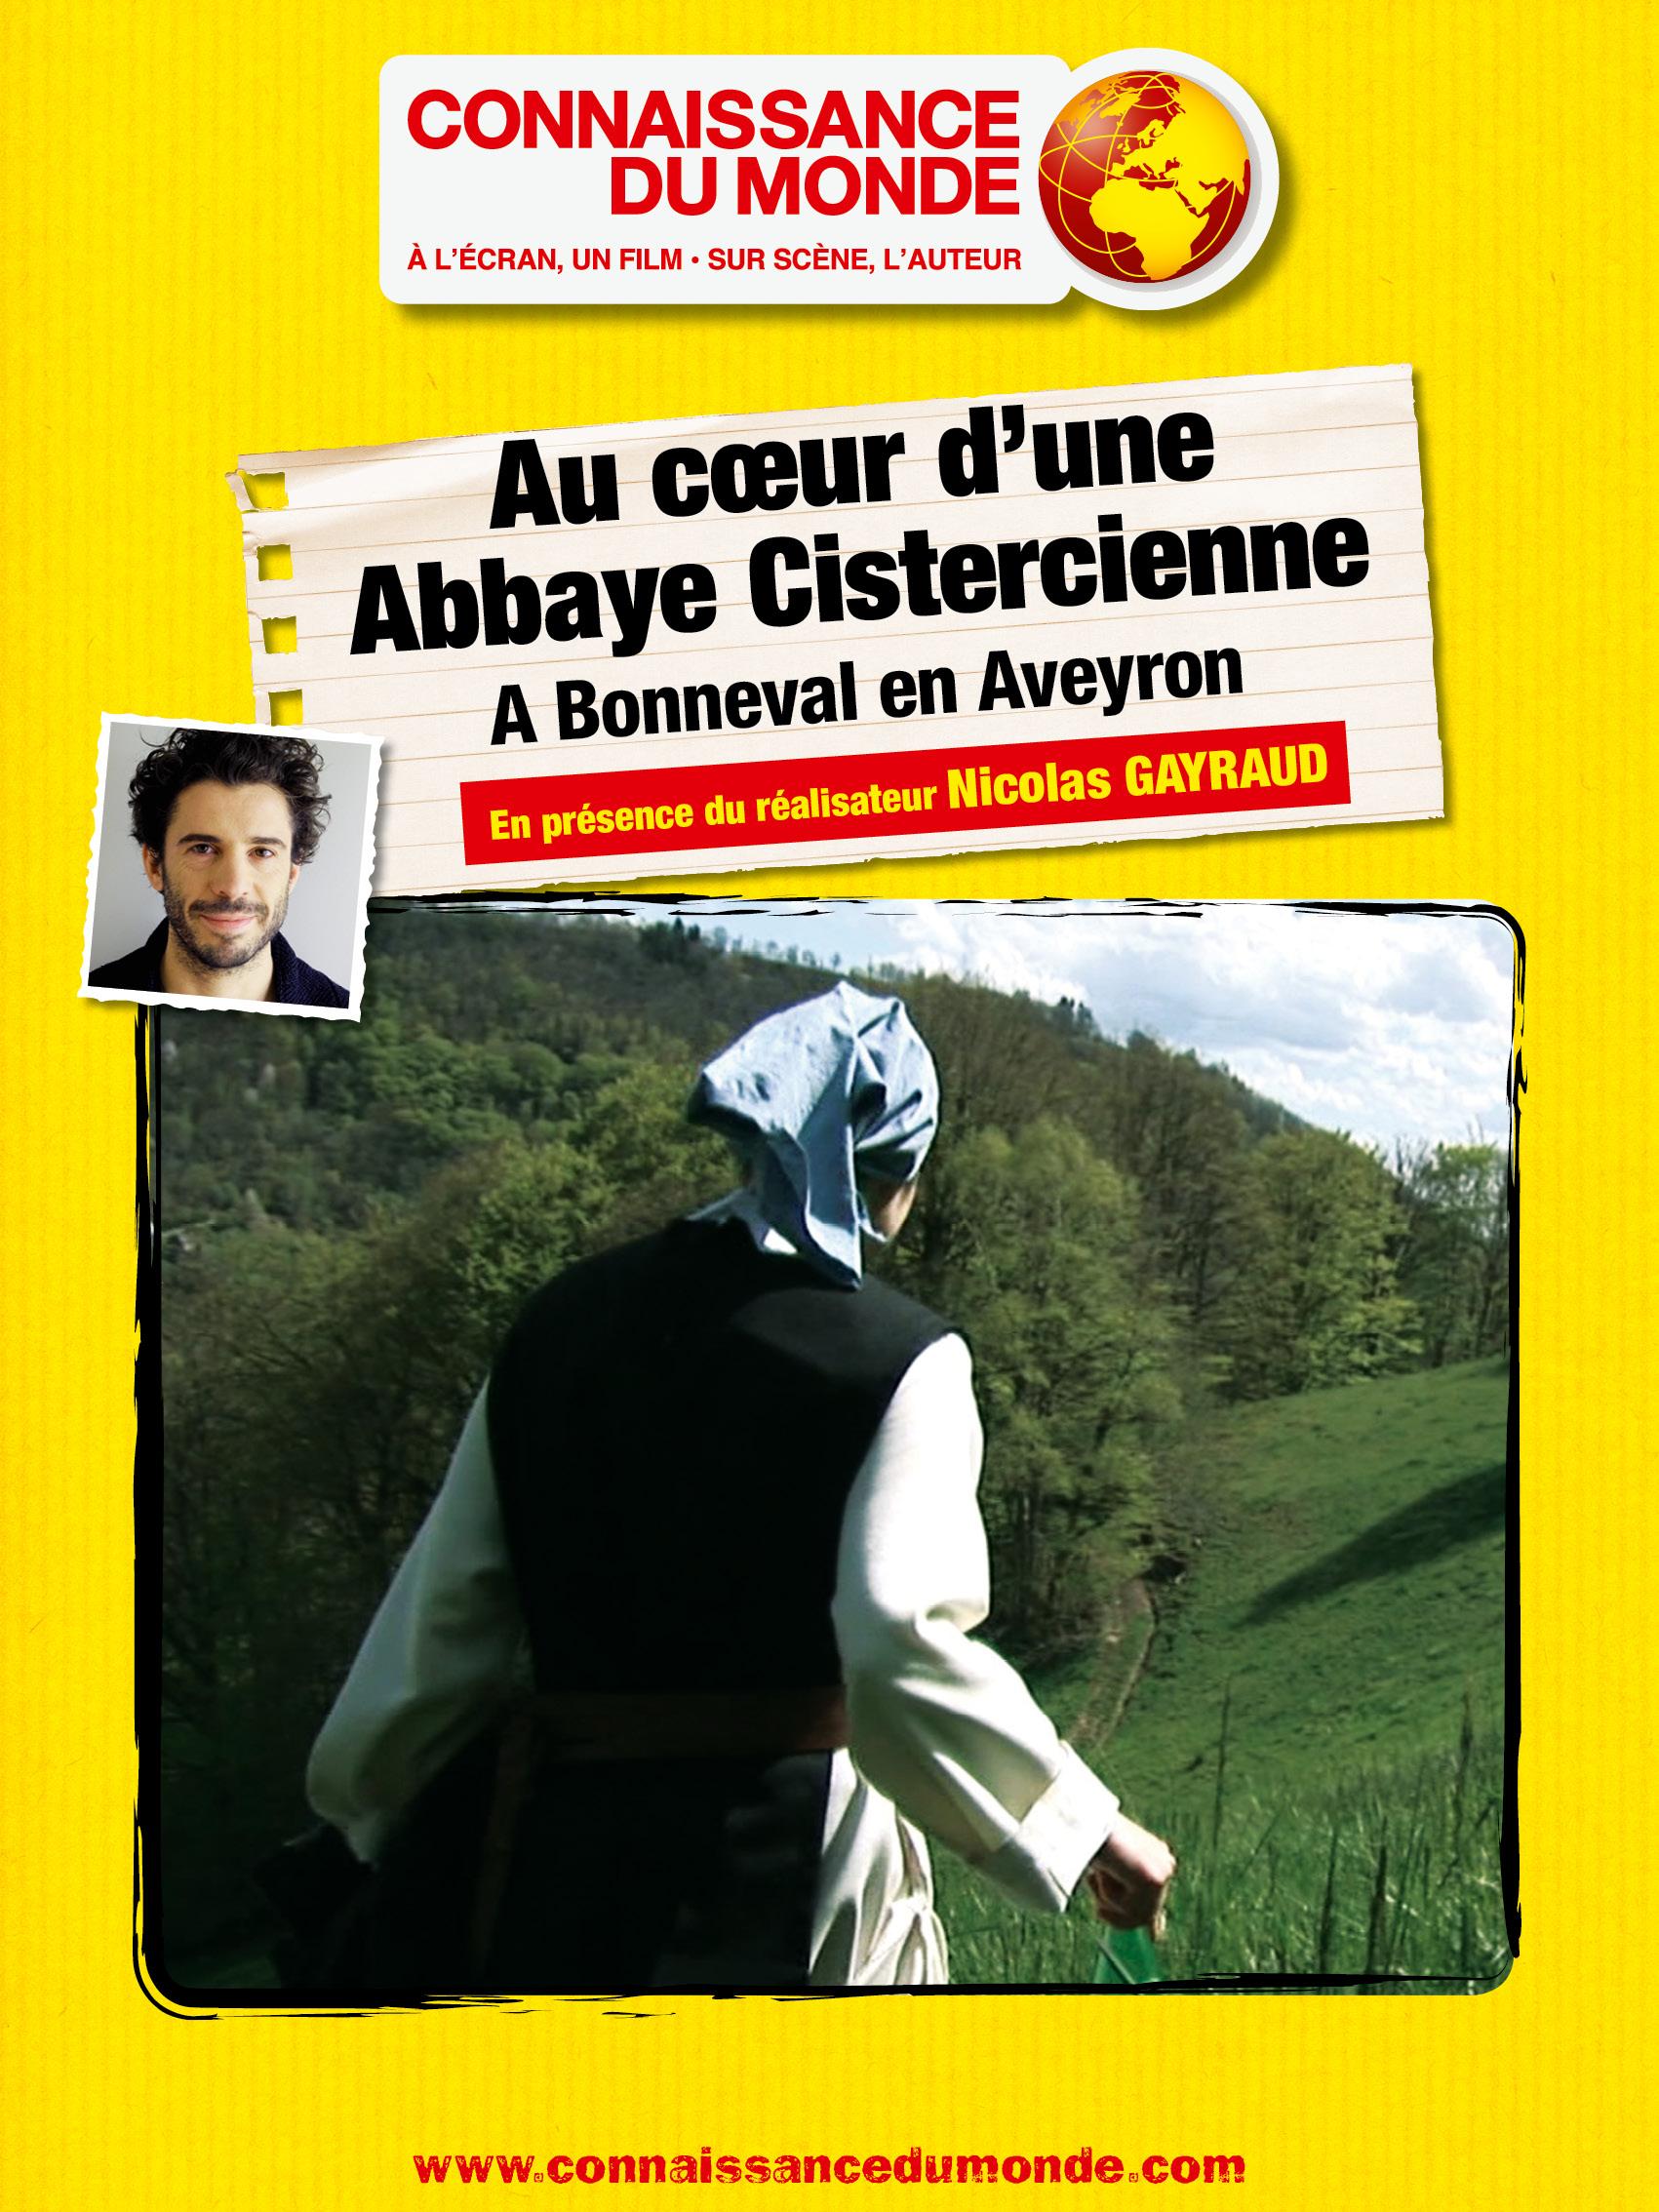 telecharger Au coeur d'une Abbaye Cistercienne, A Bonneval en Aveyron 1080p Gratuit